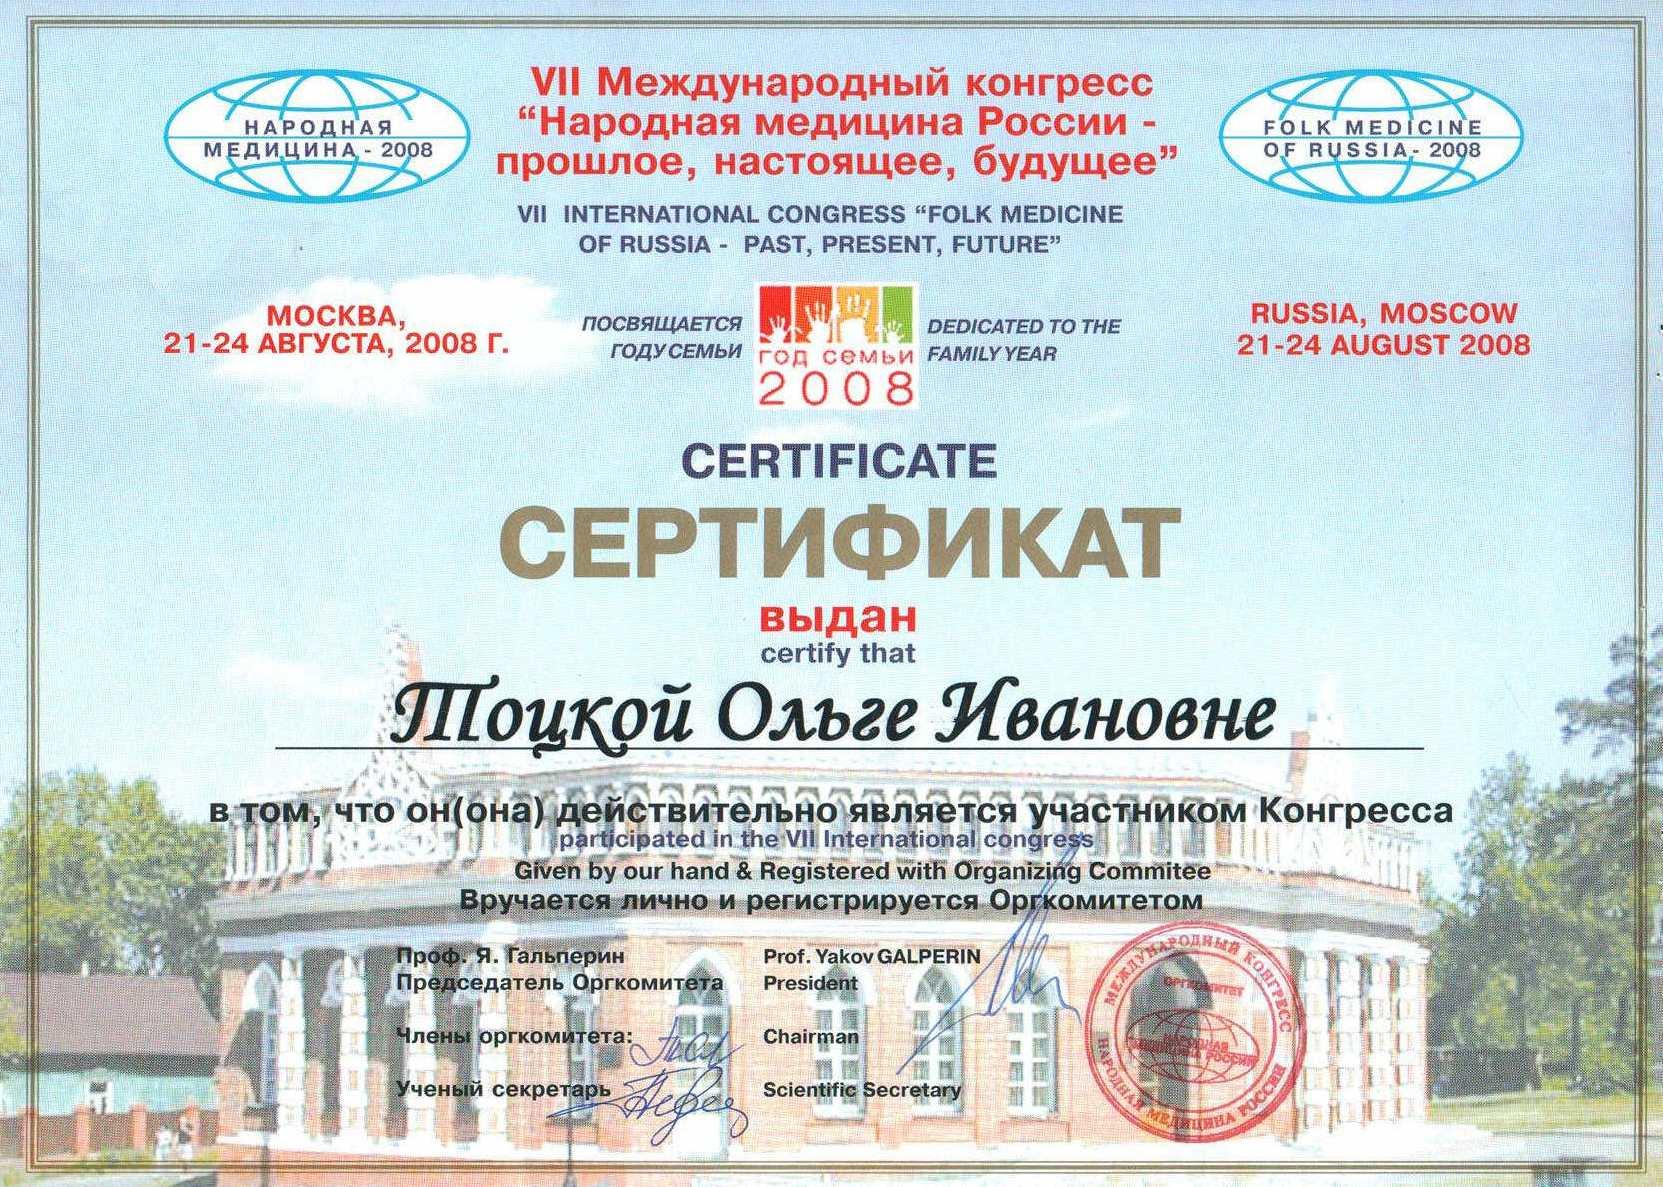 Сертификат об участии в VII международном конгрессе